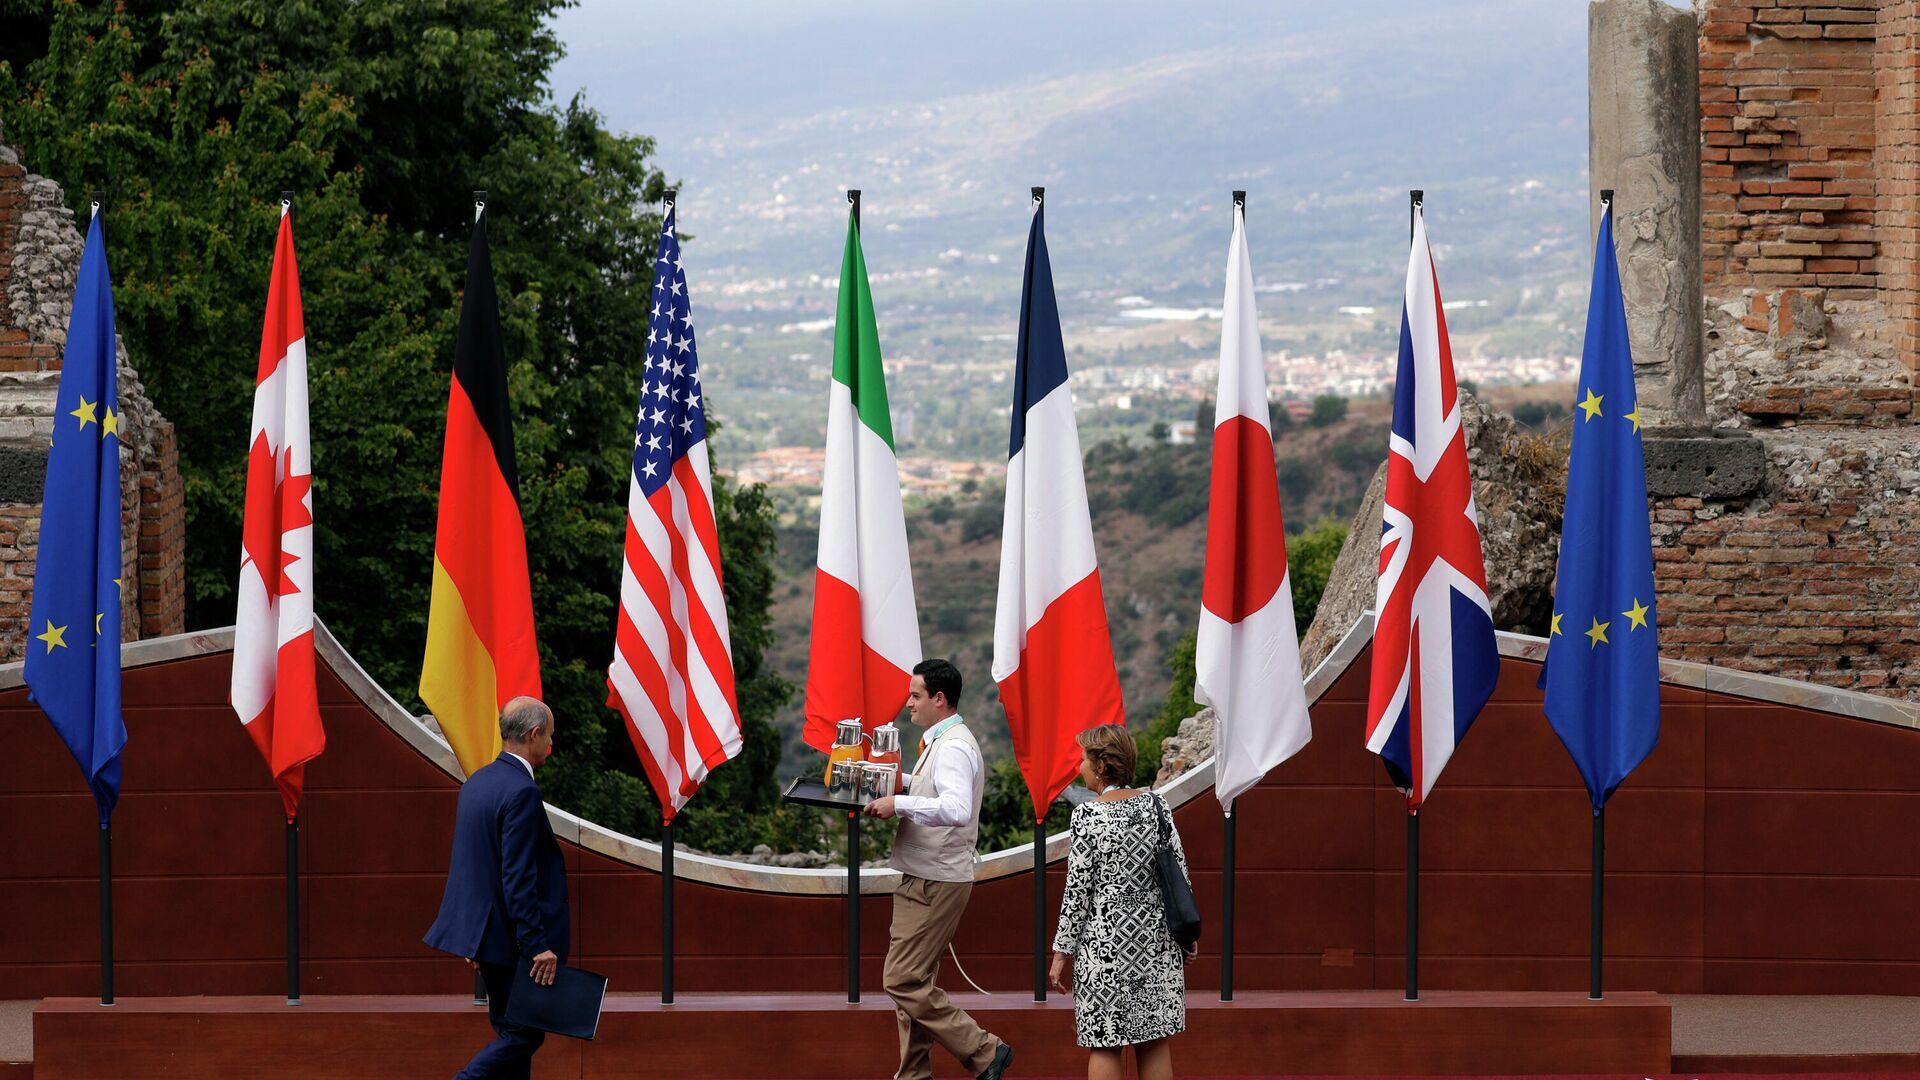 Флаги стран-участниц саммита G7 - РИА Новости, 1920, 12.06.2021